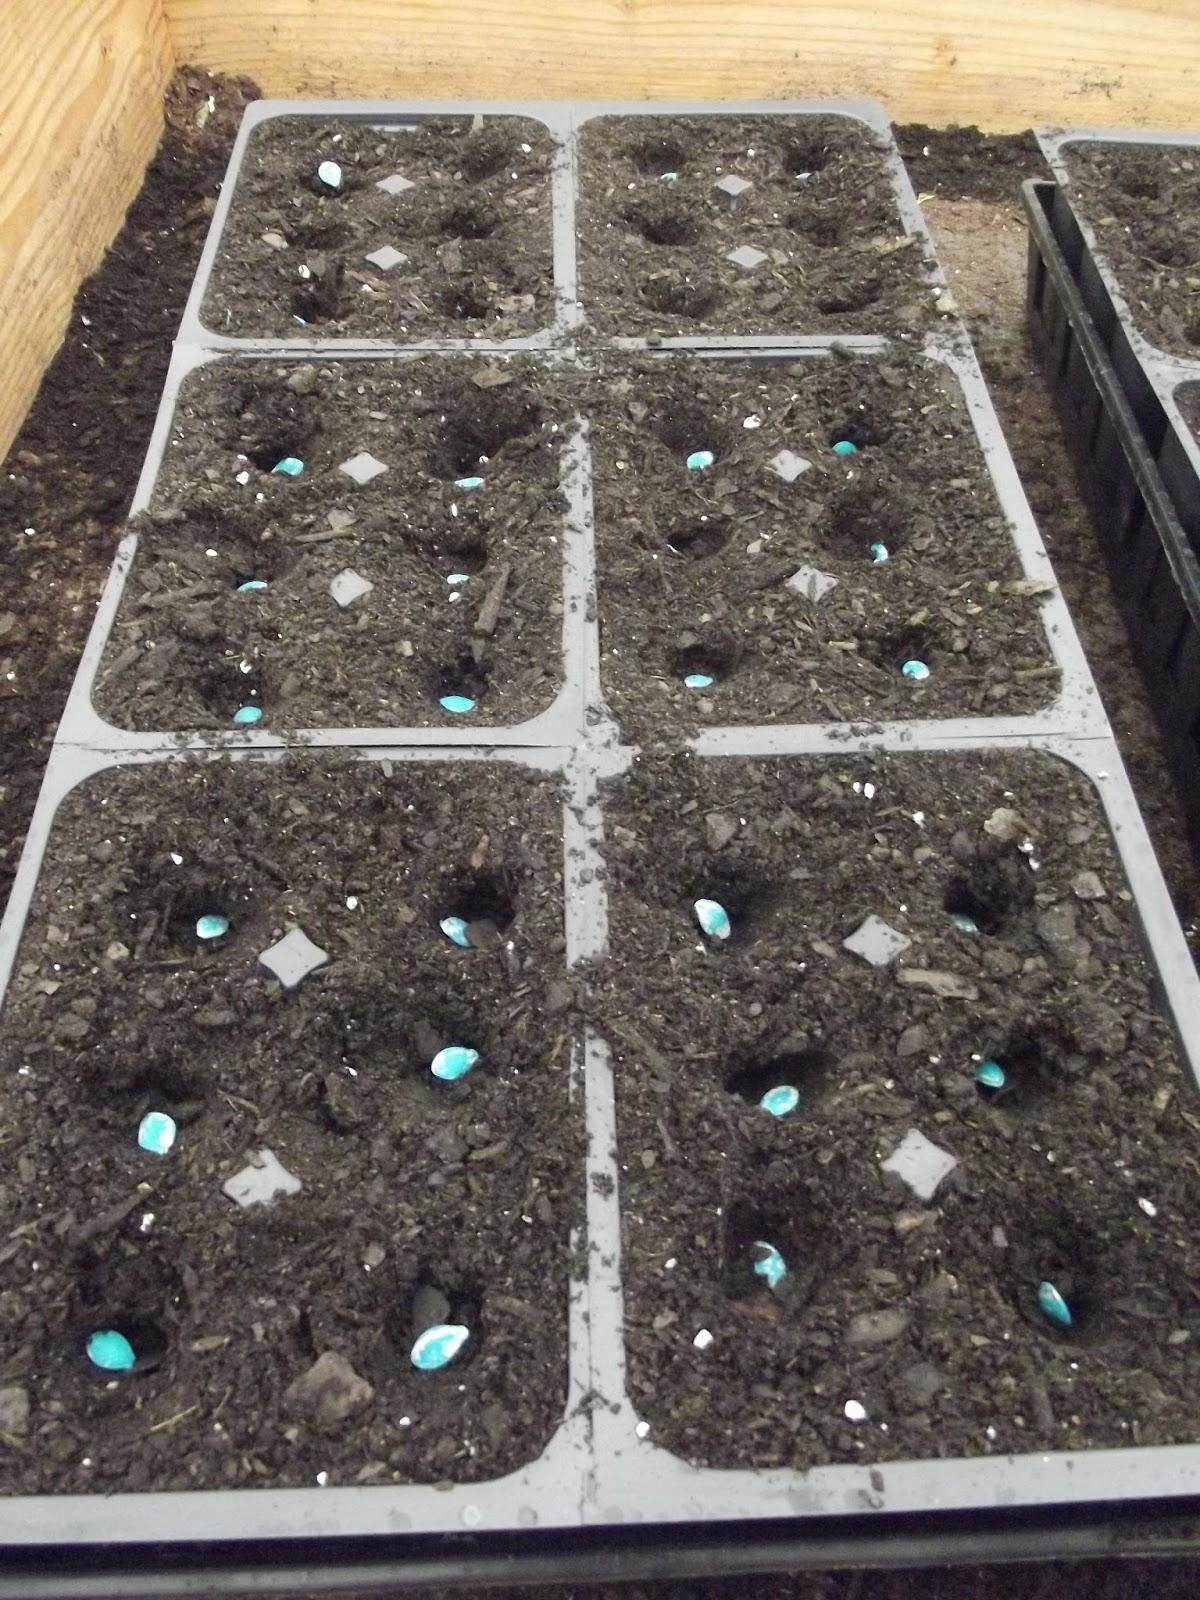 planting squash seeds